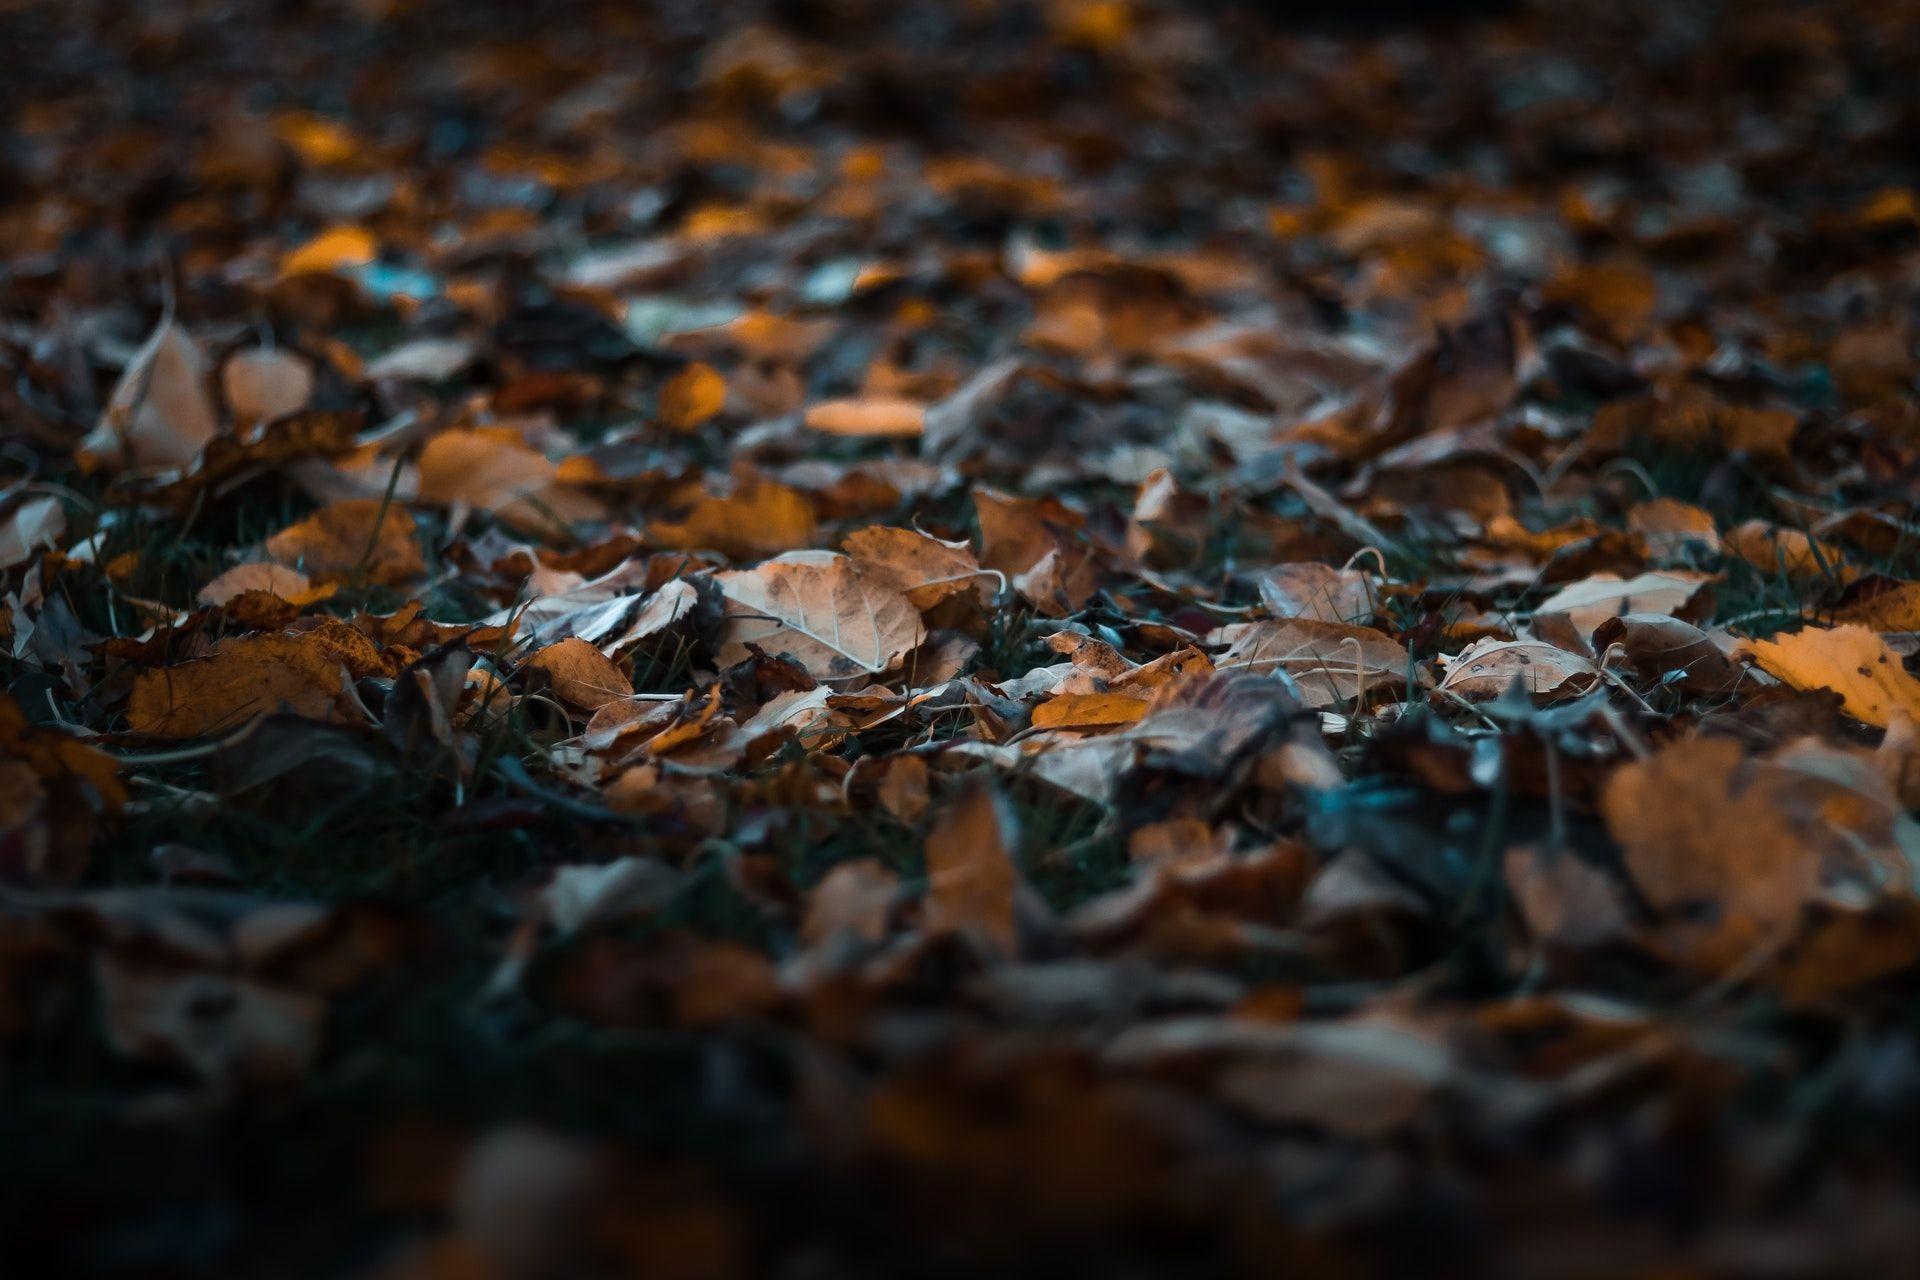 عکس زمینه برگ های زرد افتاده پس زمینه